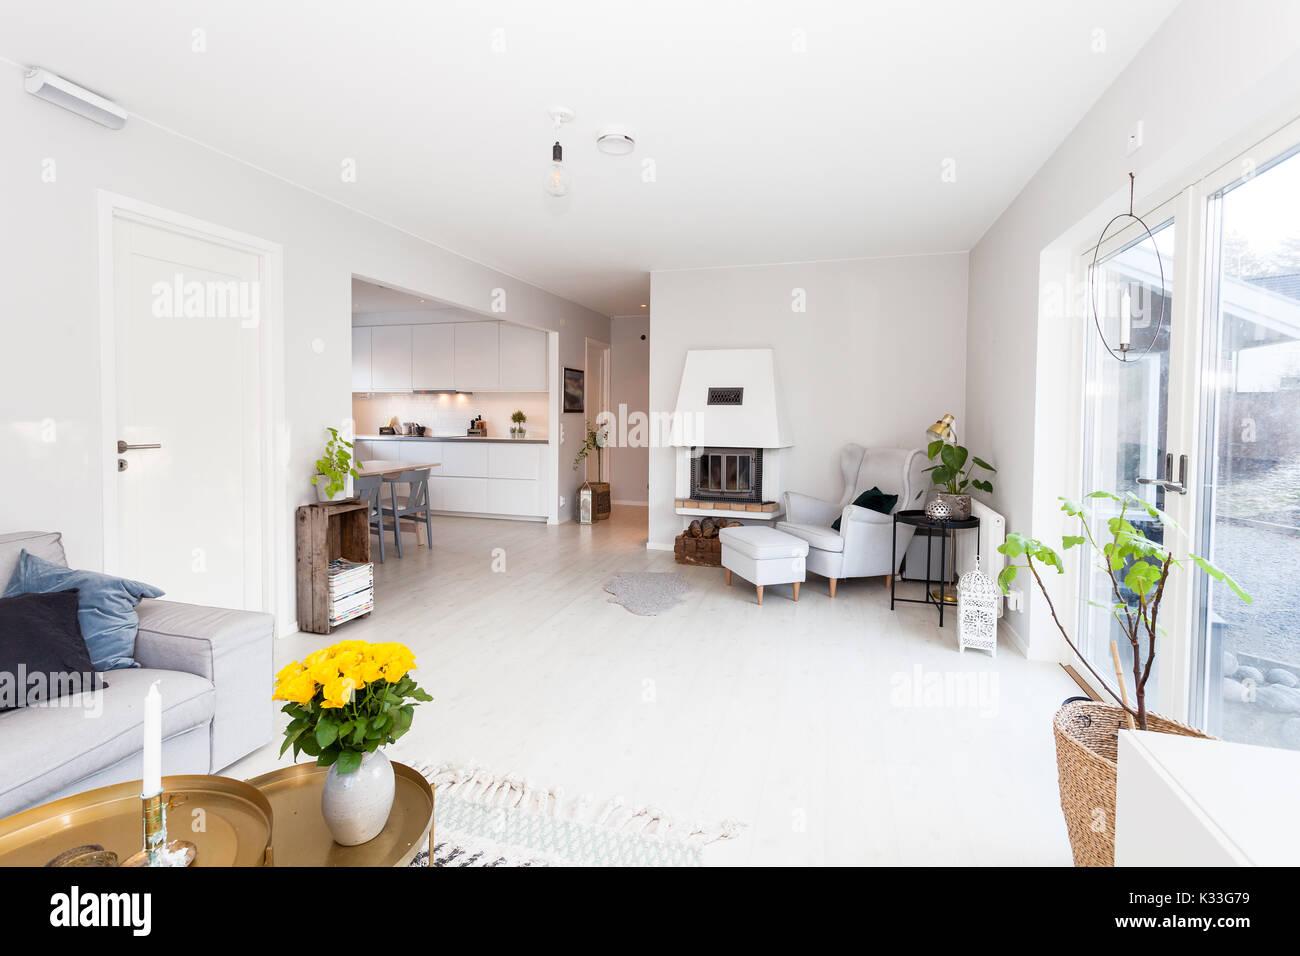 Schickes Wohnzimmer skandinavisches Design leuchten Kamin und ...